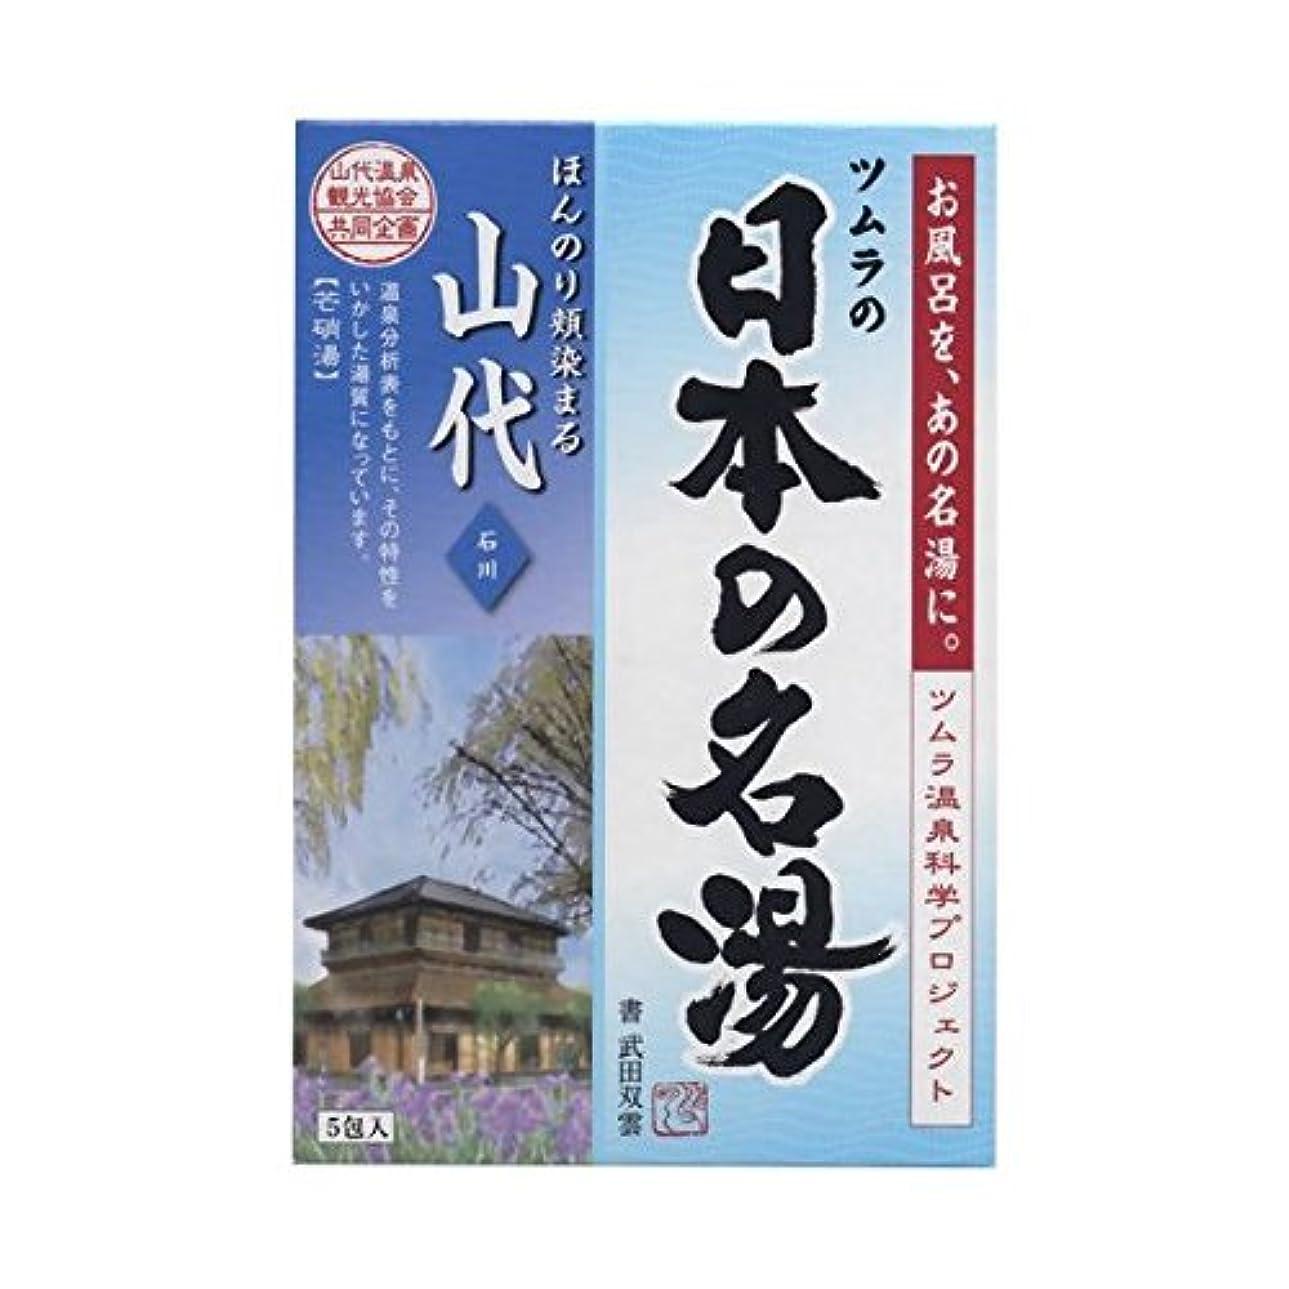 属性アリス補充【お徳用 5 セット】 日本の名湯 山代 30g×5包入(入浴剤)×5セット